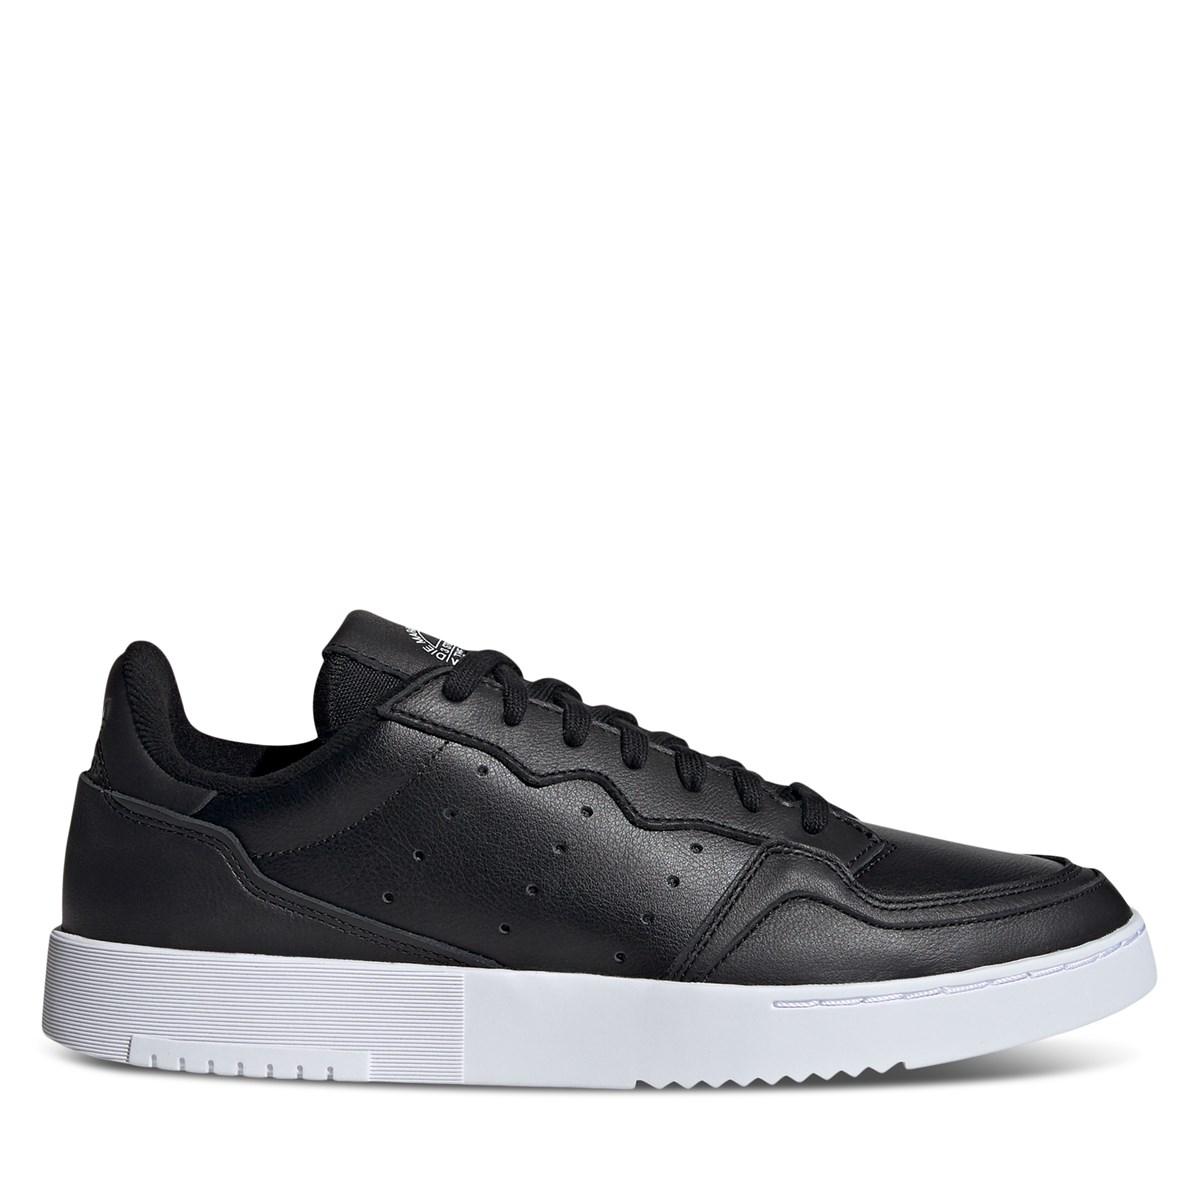 Men's Supercourt Sneakers in Black